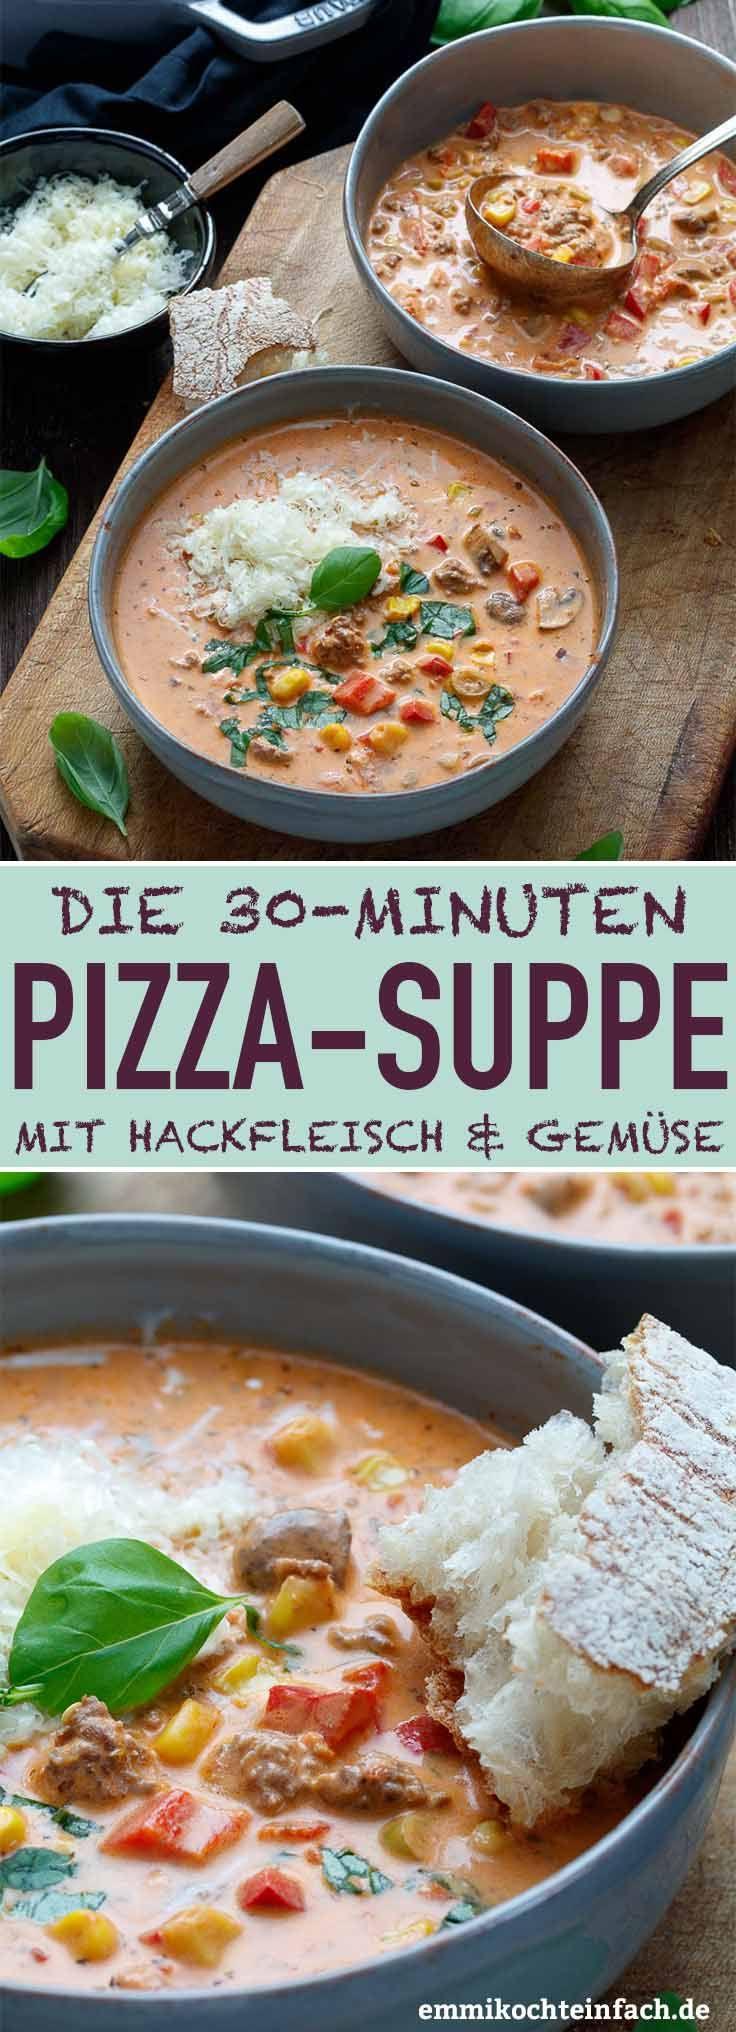 Schnelle Pizzasuppe Bergsteiger Art #schnellepartyrezepte